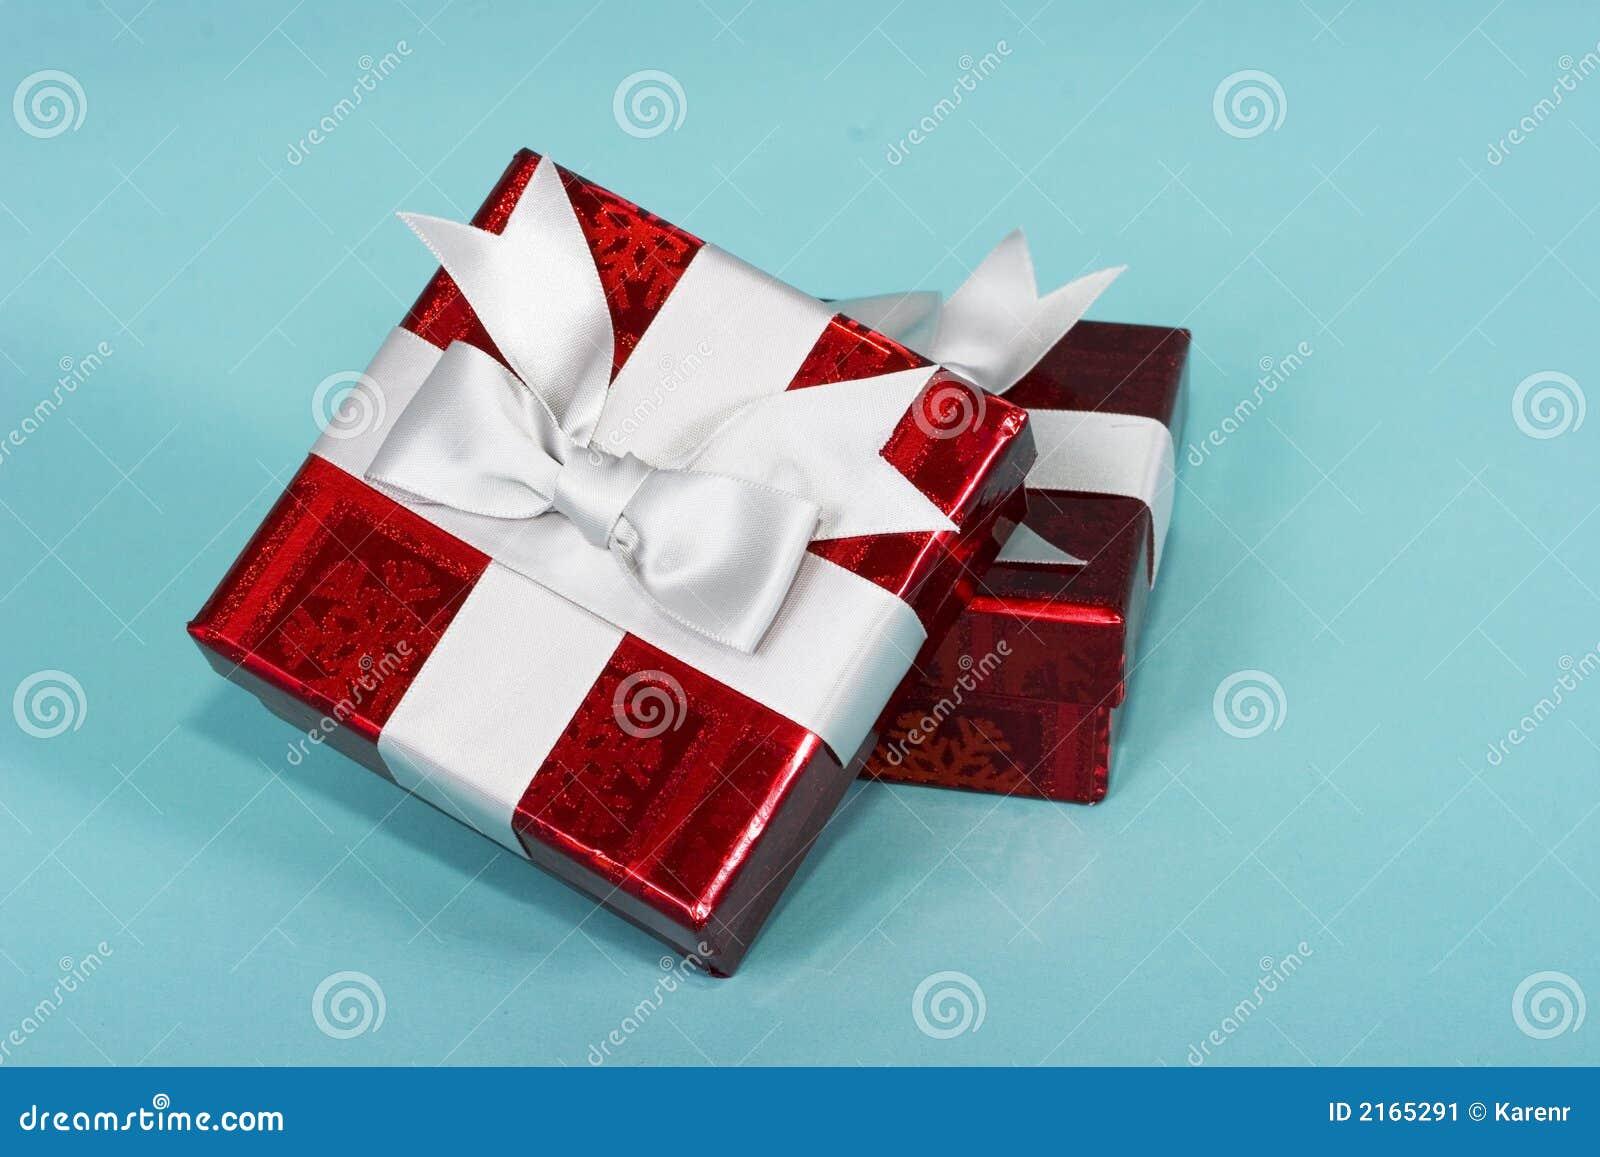 Rectángulos de regalos